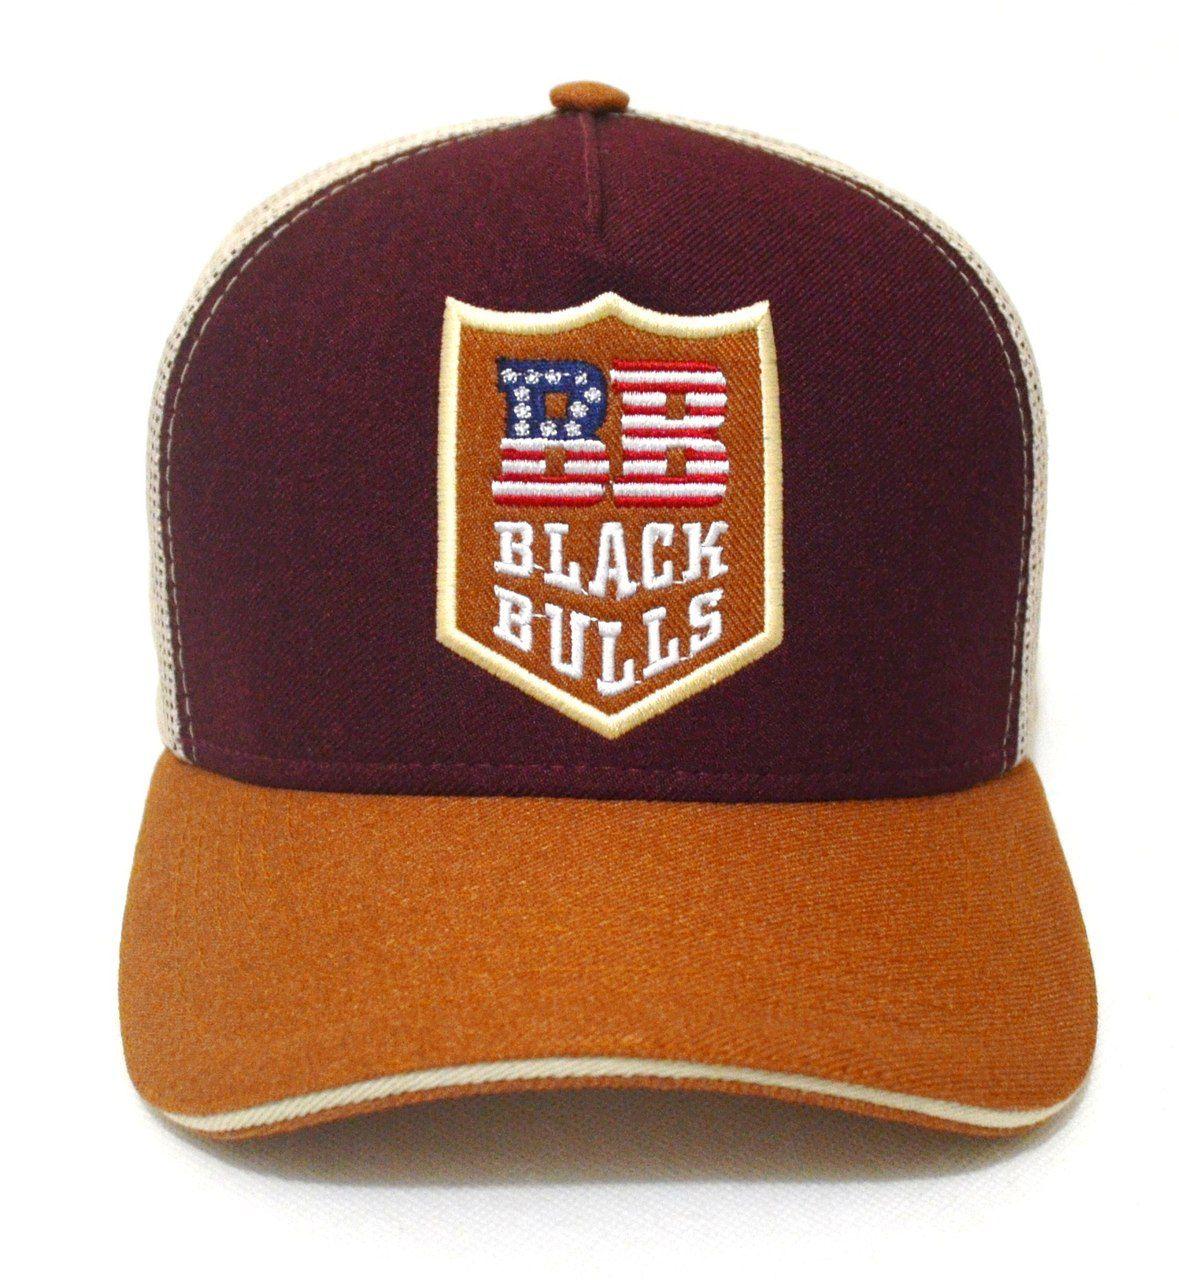 ... Boné Country Black Bulls Tricolor - Aba Curva Unissex ... 21255c2457d